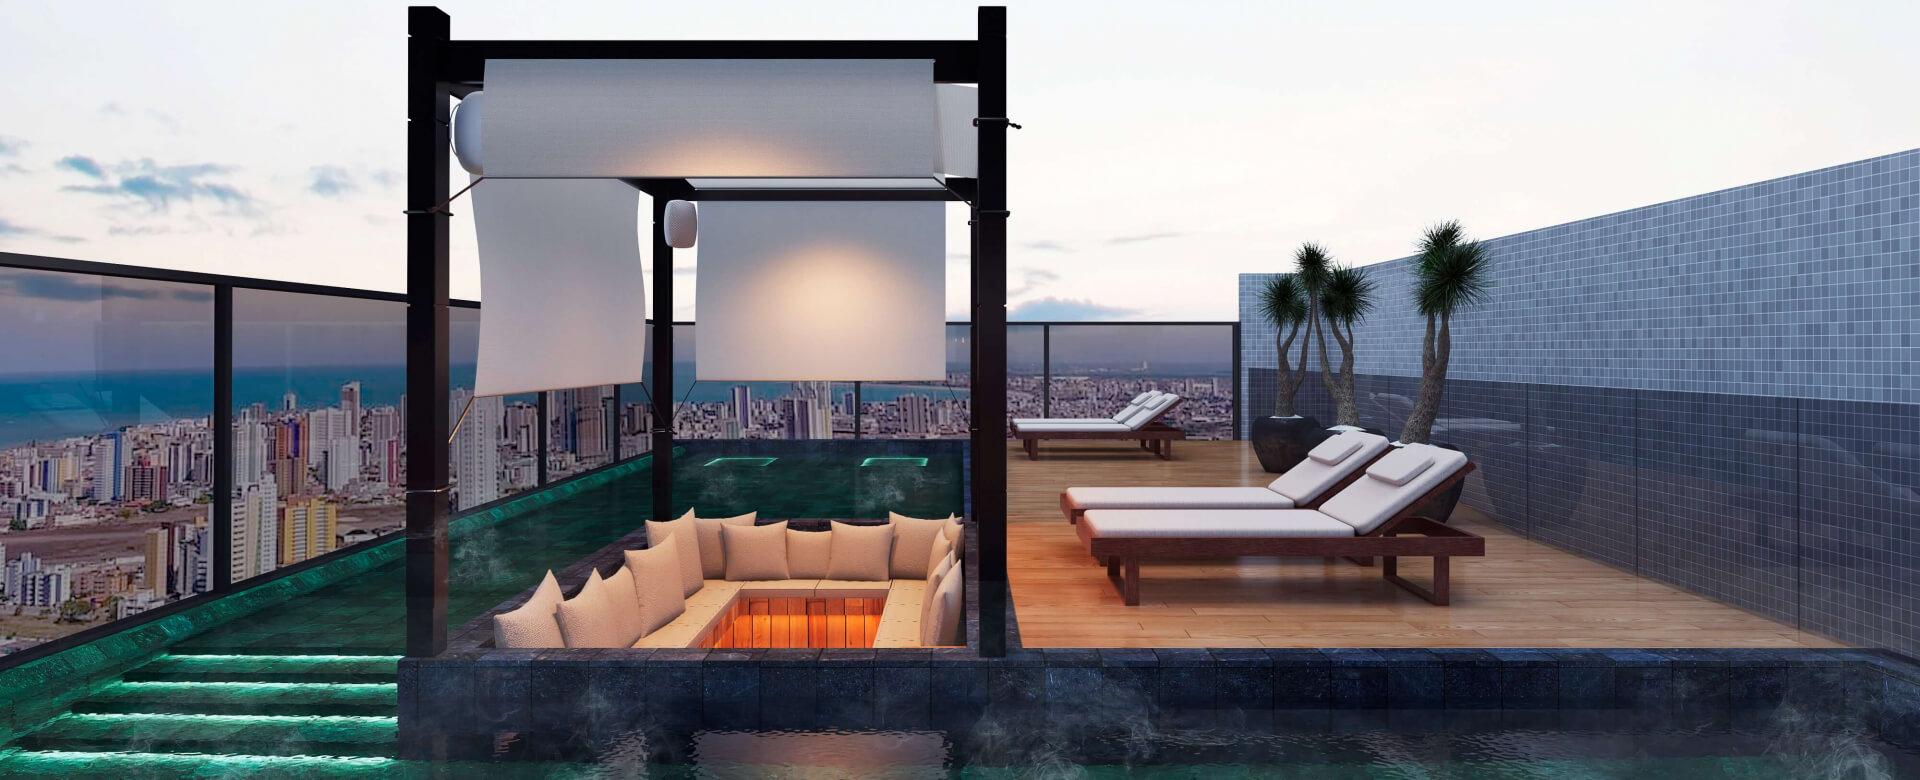 Mardisa Design, foto 1